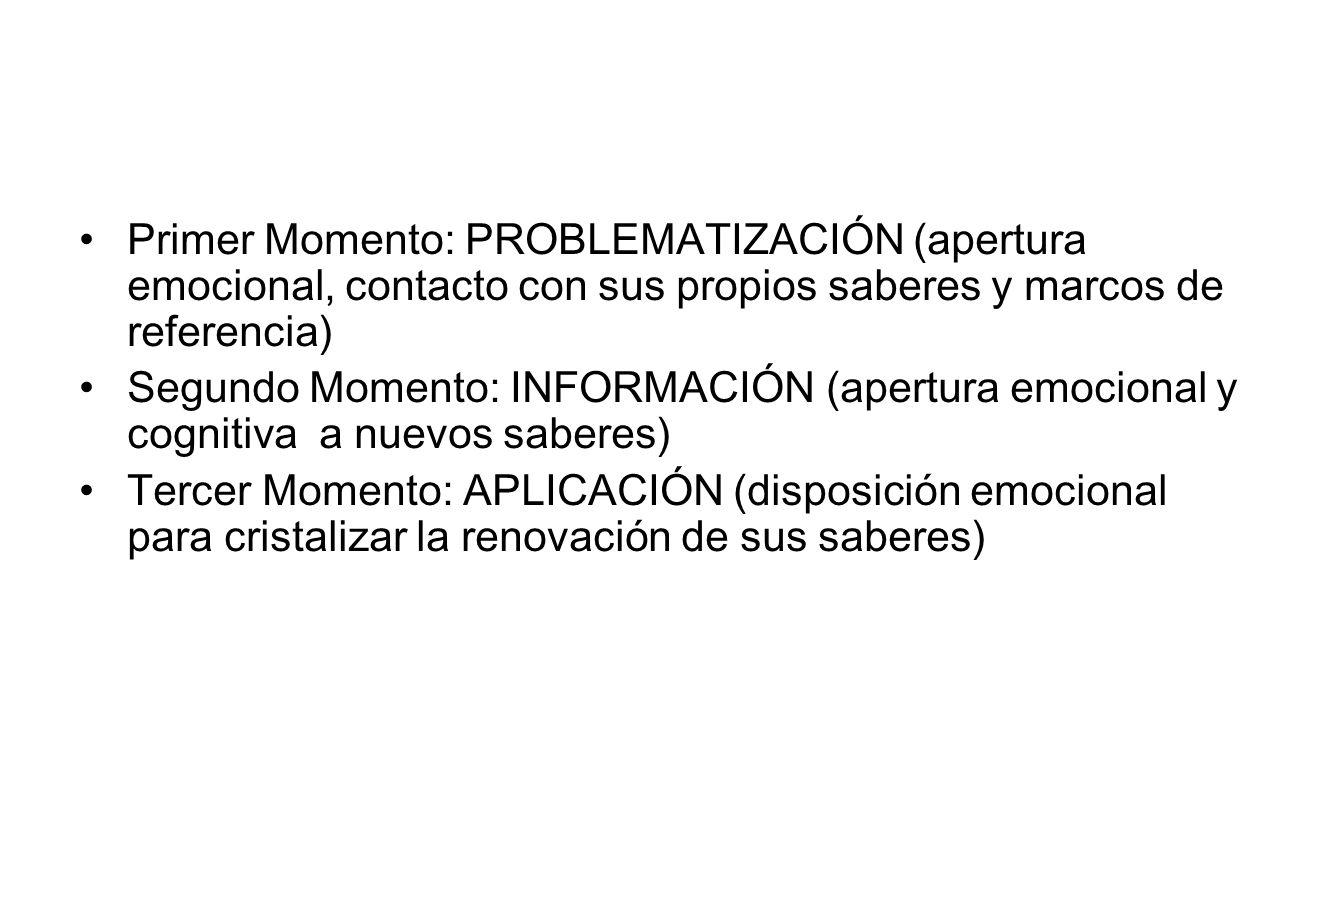 Primer Momento: PROBLEMATIZACIÓN (apertura emocional, contacto con sus propios saberes y marcos de referencia) Segundo Momento: INFORMACIÓN (apertura